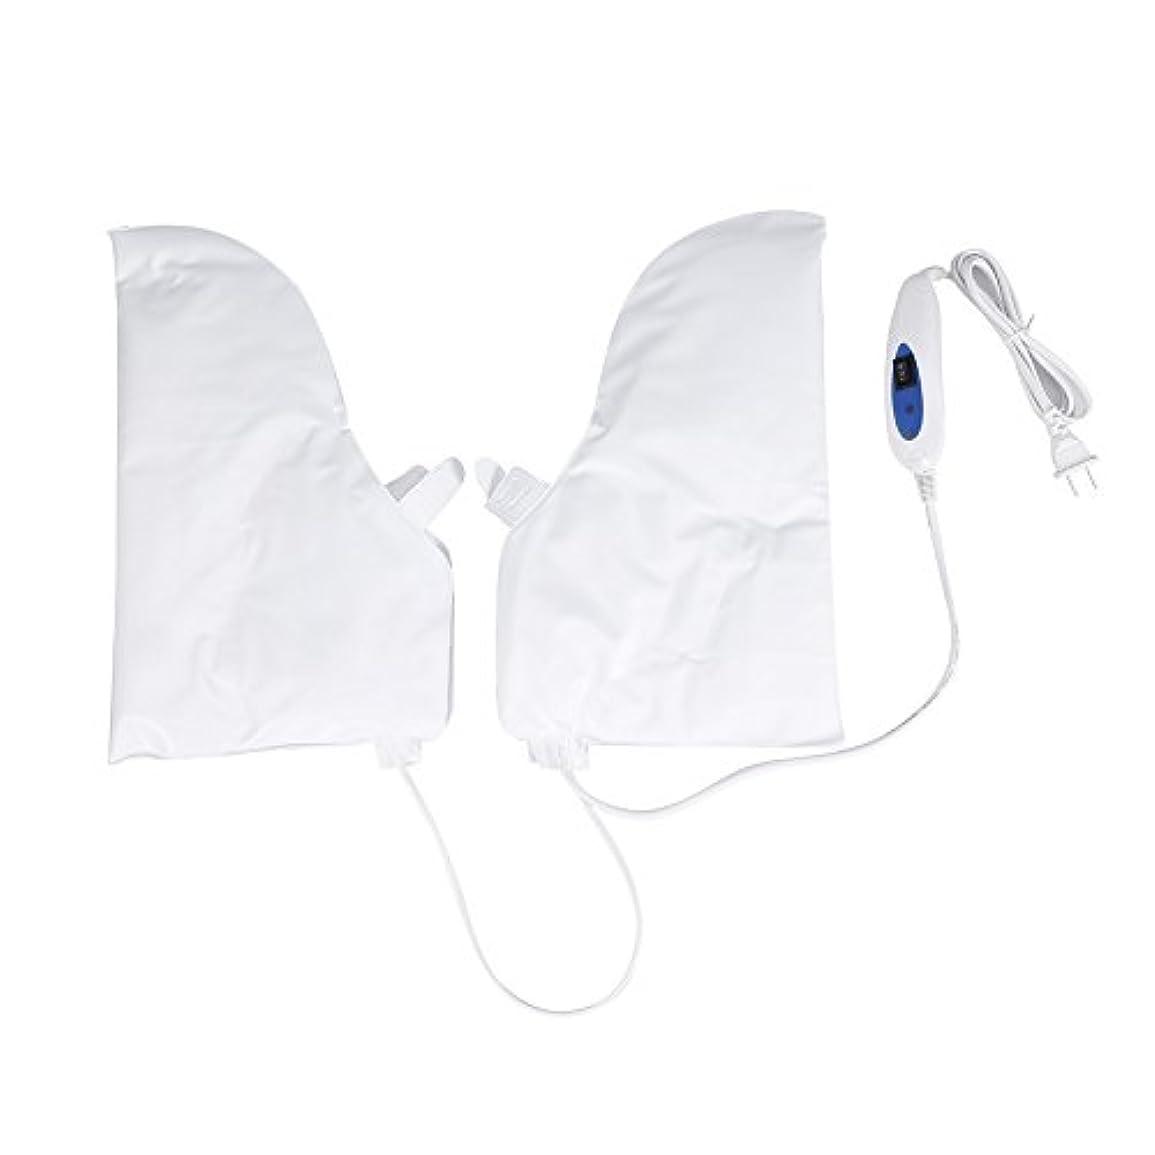 従来の腹部出費ハンドケア フットカバー 2 in 1 蒸し手袋 うるおい 保湿 保護 乾燥対策 手荒れ対策 補水 保湿 美白 しっとり 美容 手袋 加熱式 電熱手袋